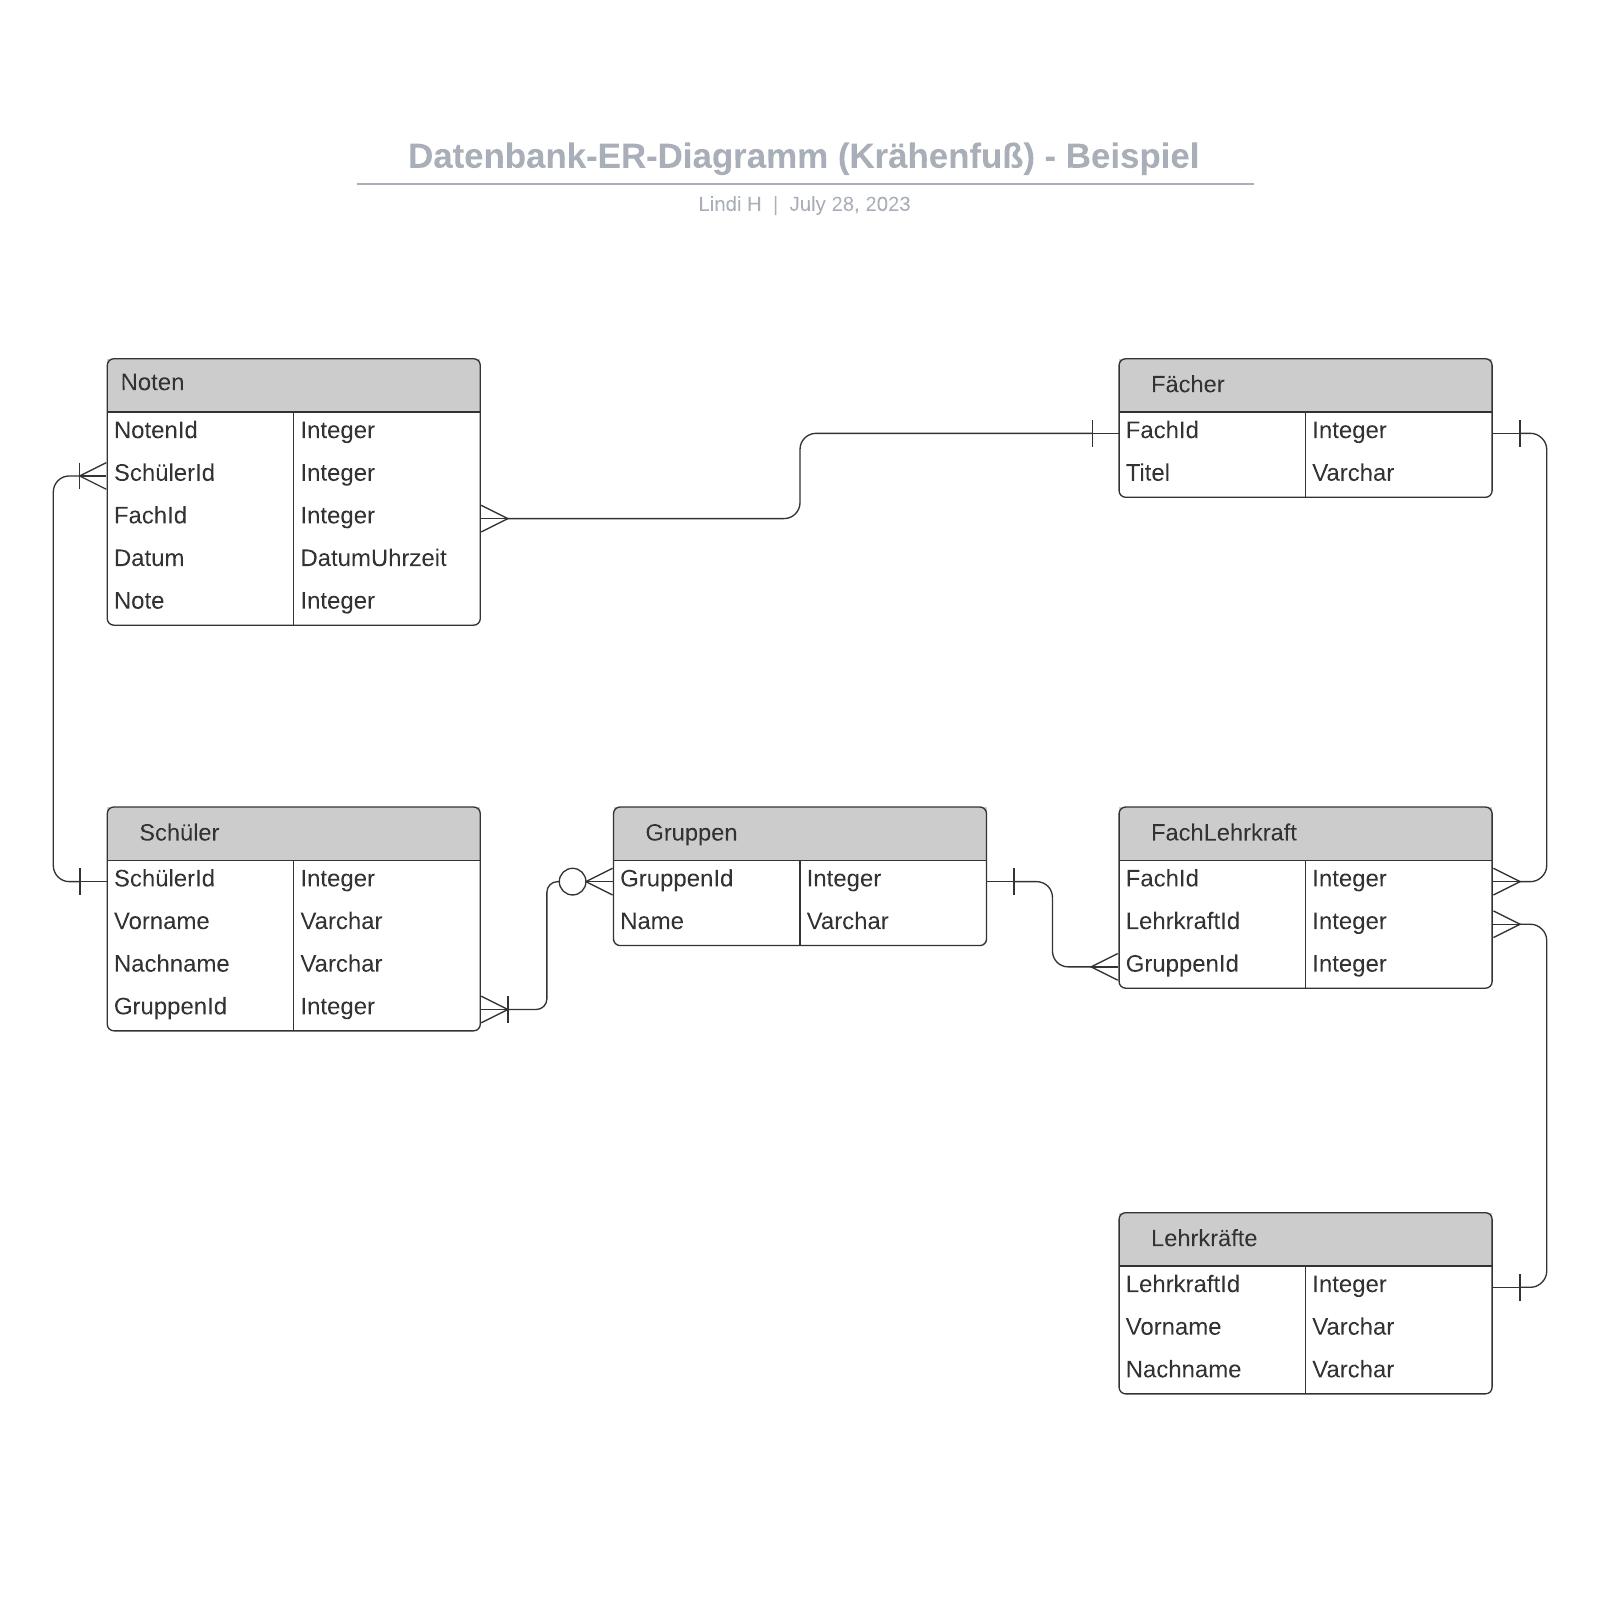 Datenbank-ER-Diagramm (Krähenfuß) - Beispiel